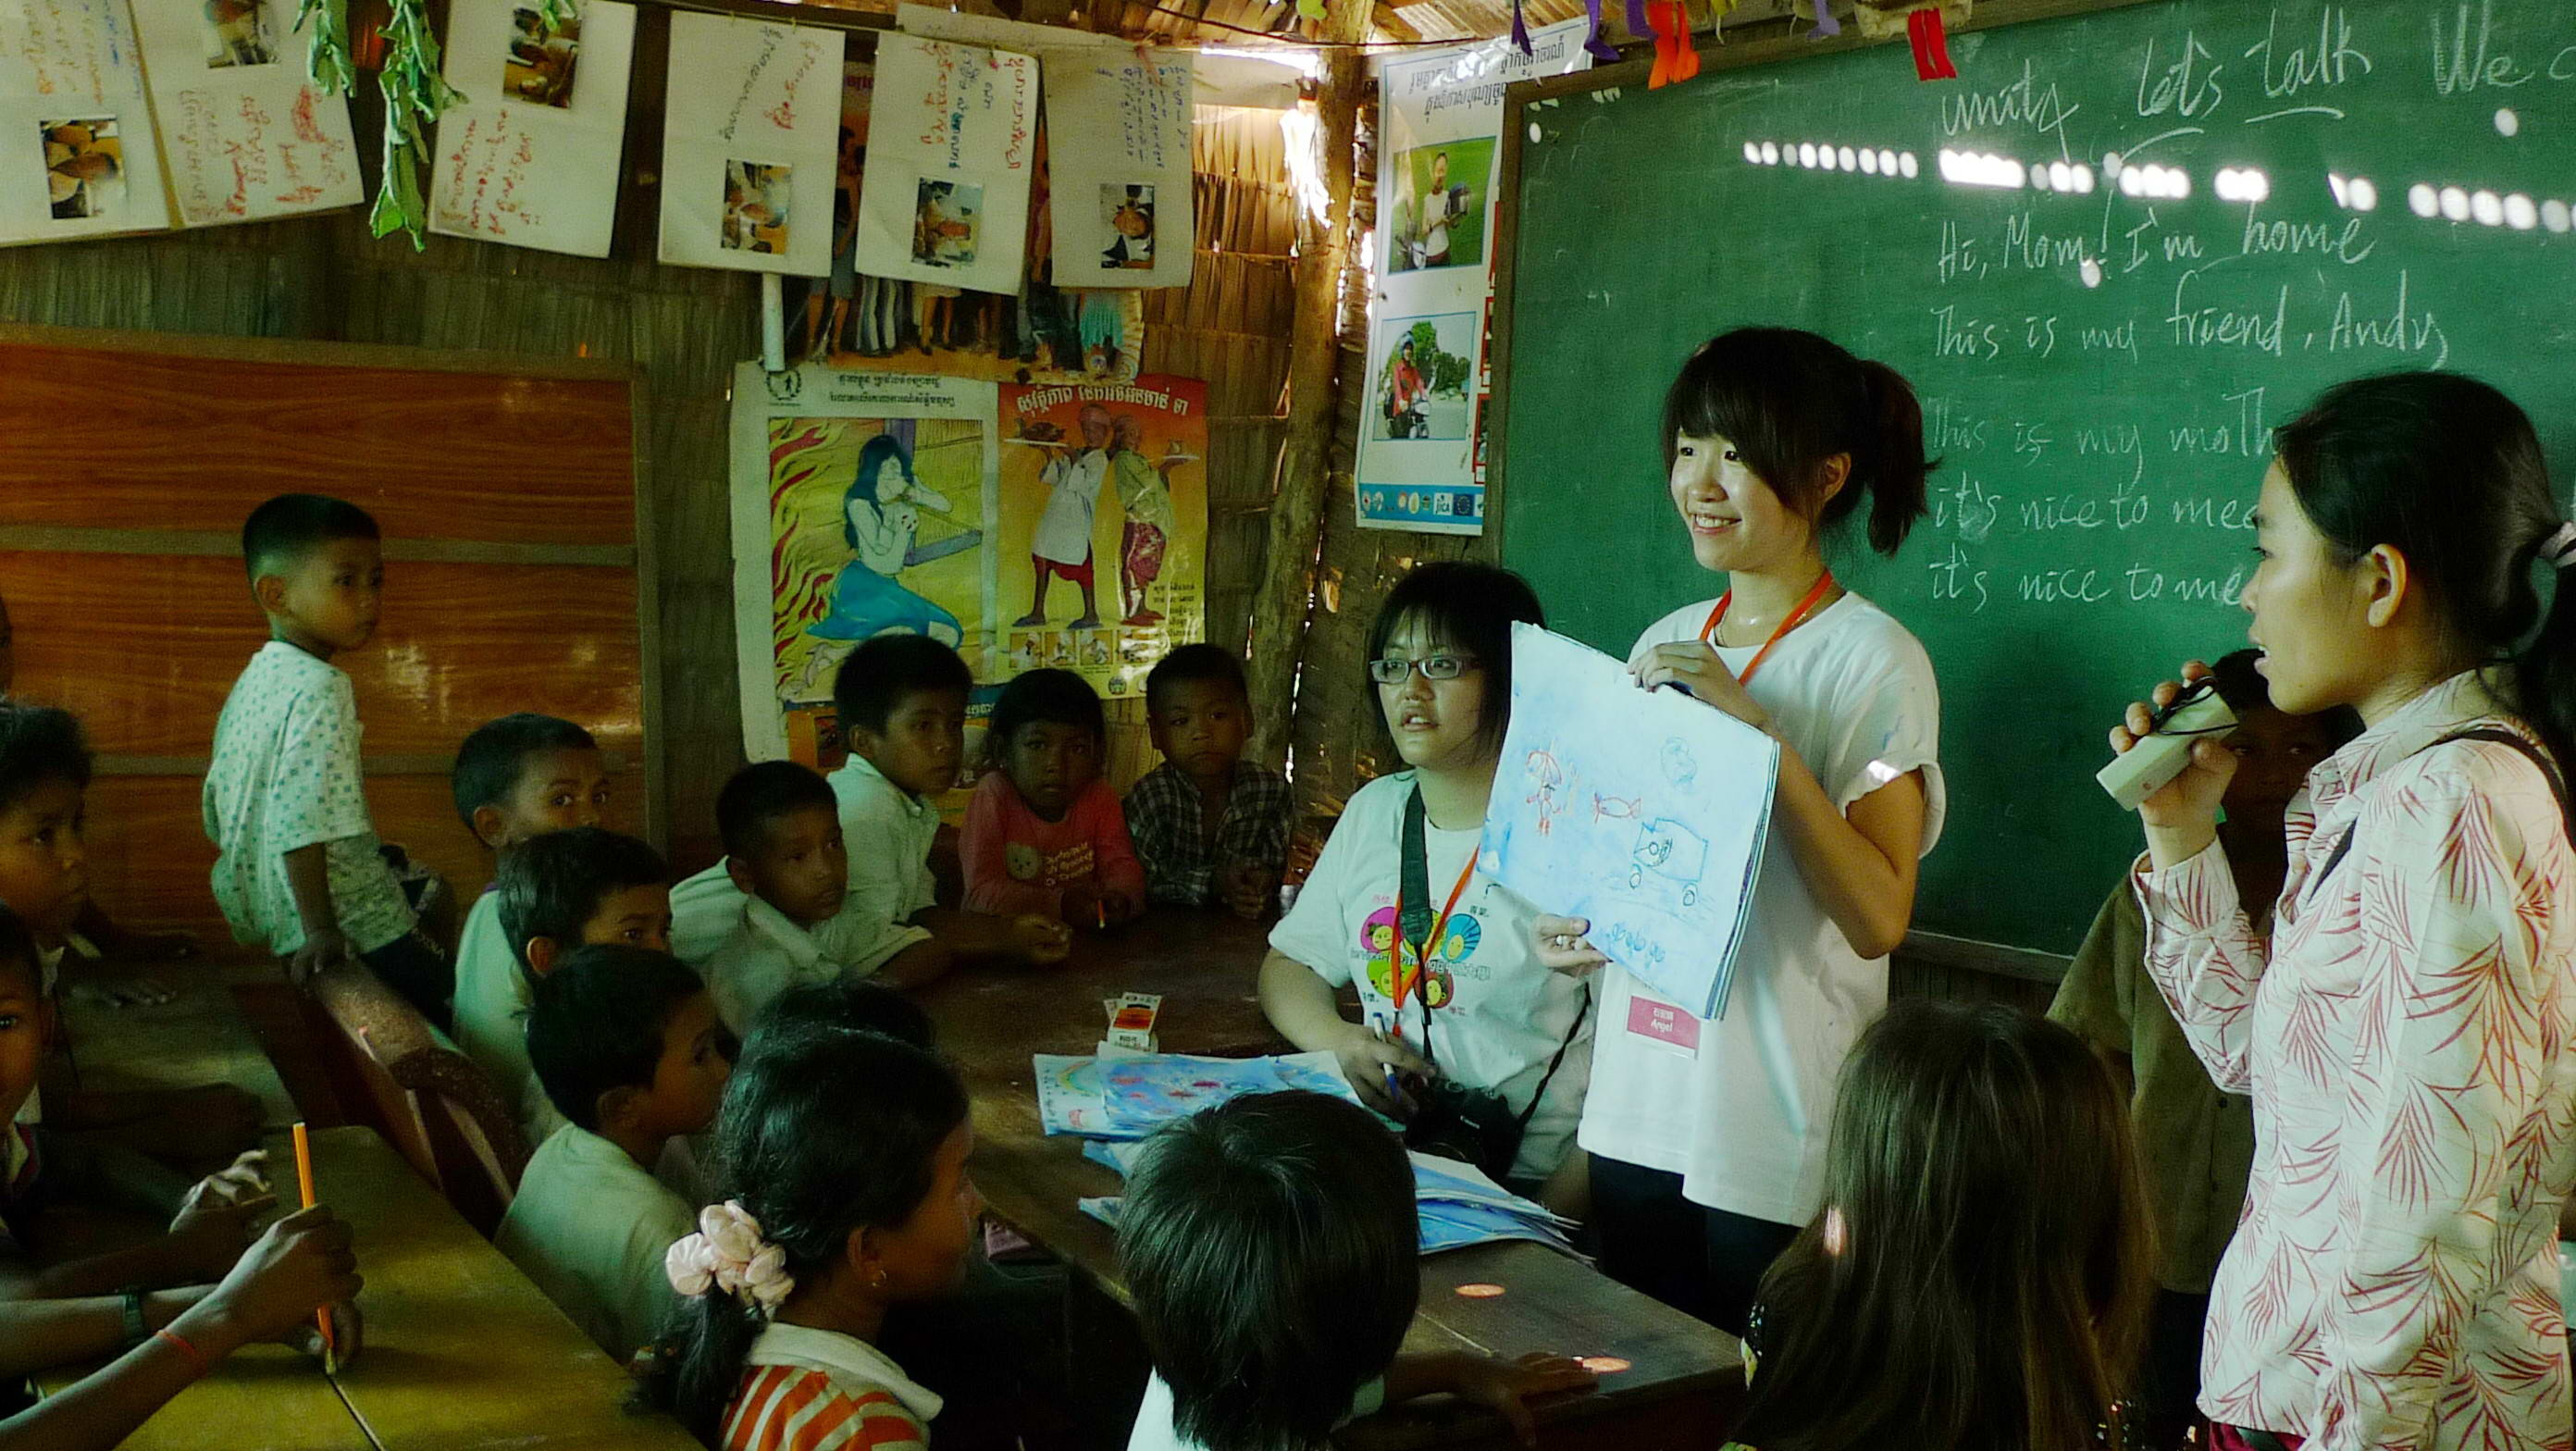 中原團隊再度前進柬埔寨 散播希望 散播愛